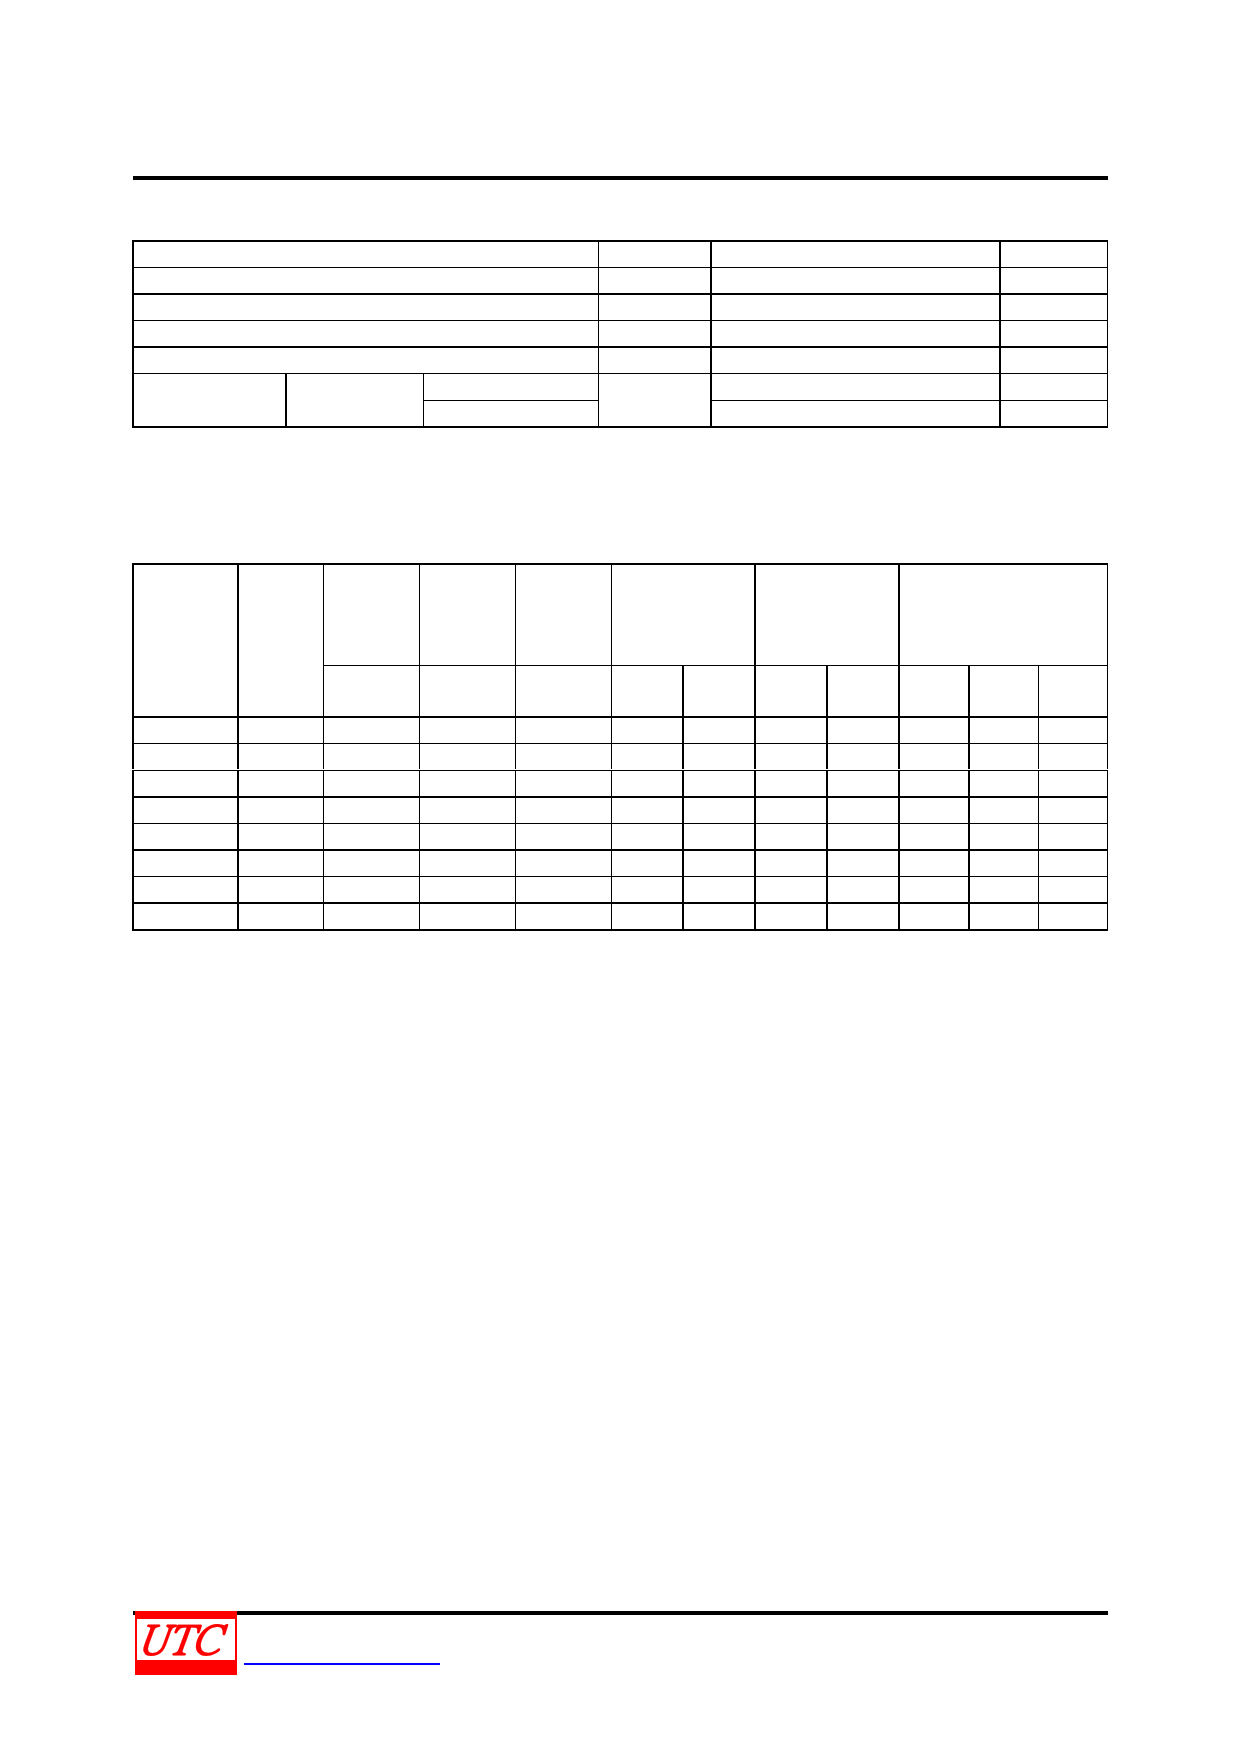 SMA36V pdf, schematic